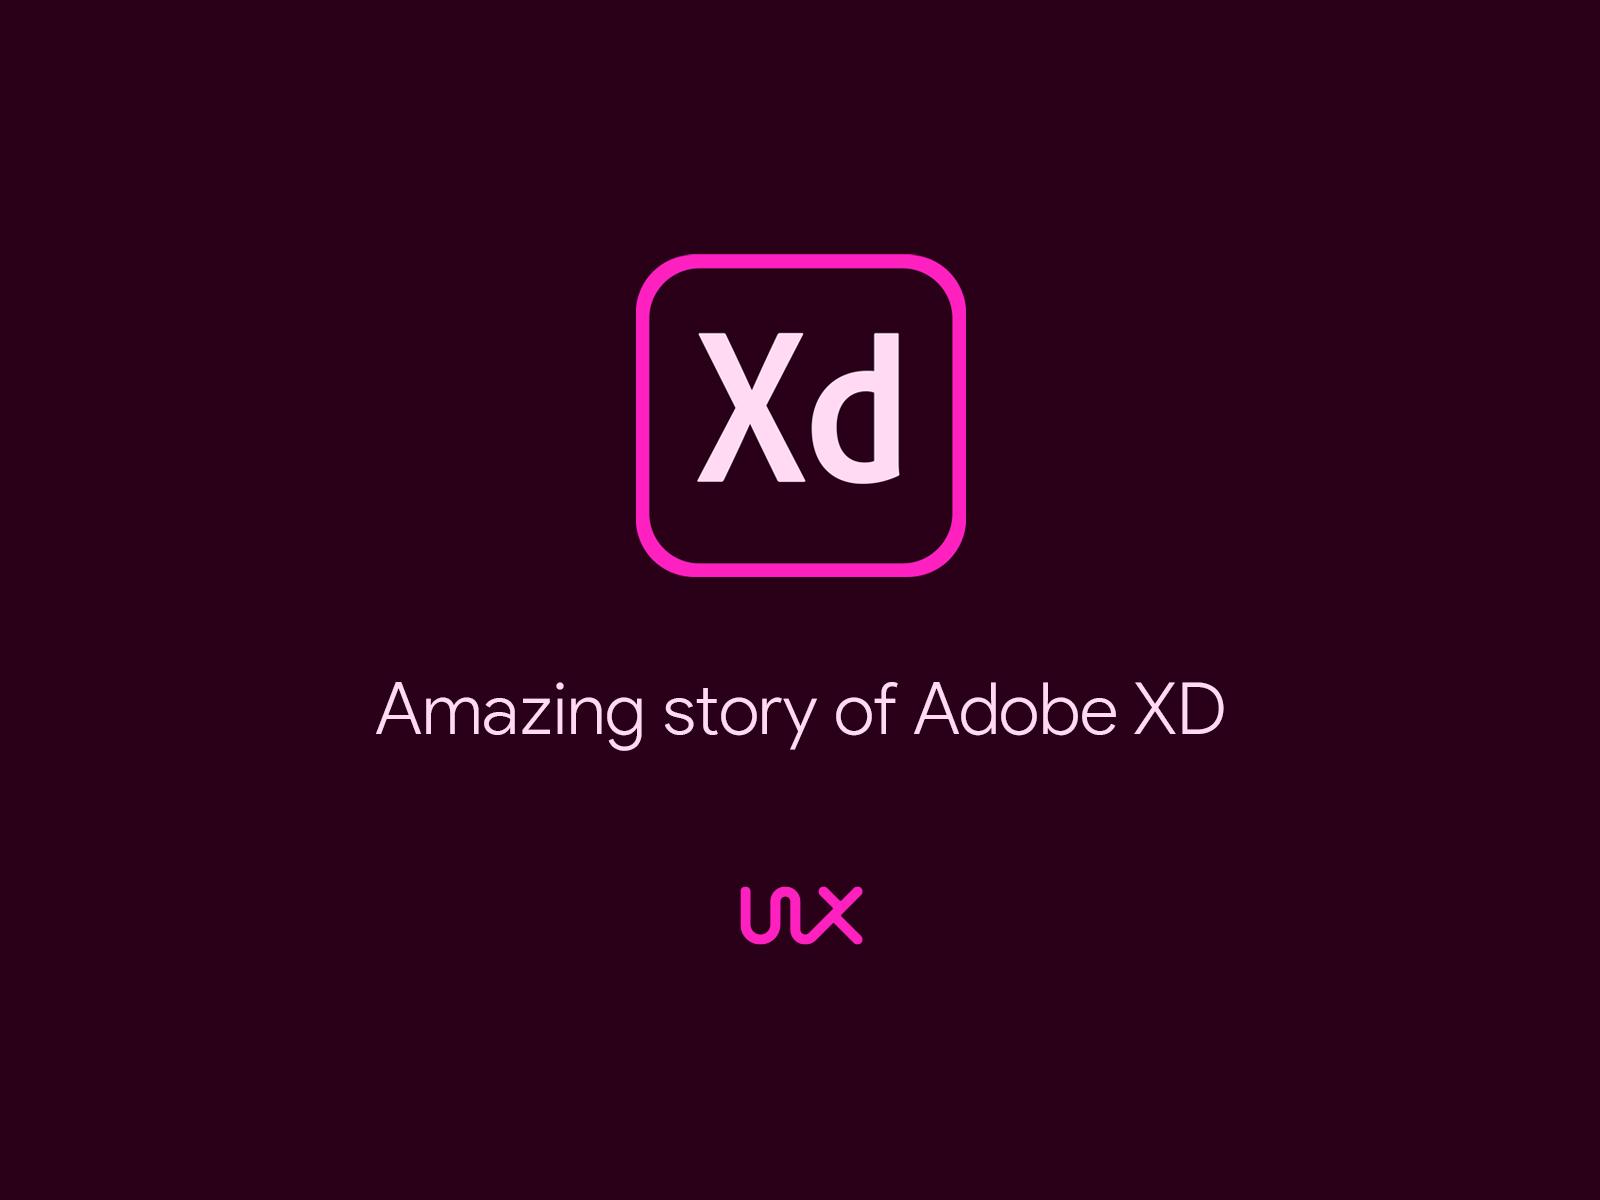 چرا Adobe XD بهترین و آینده نگرانه ترین انتخاب است؟